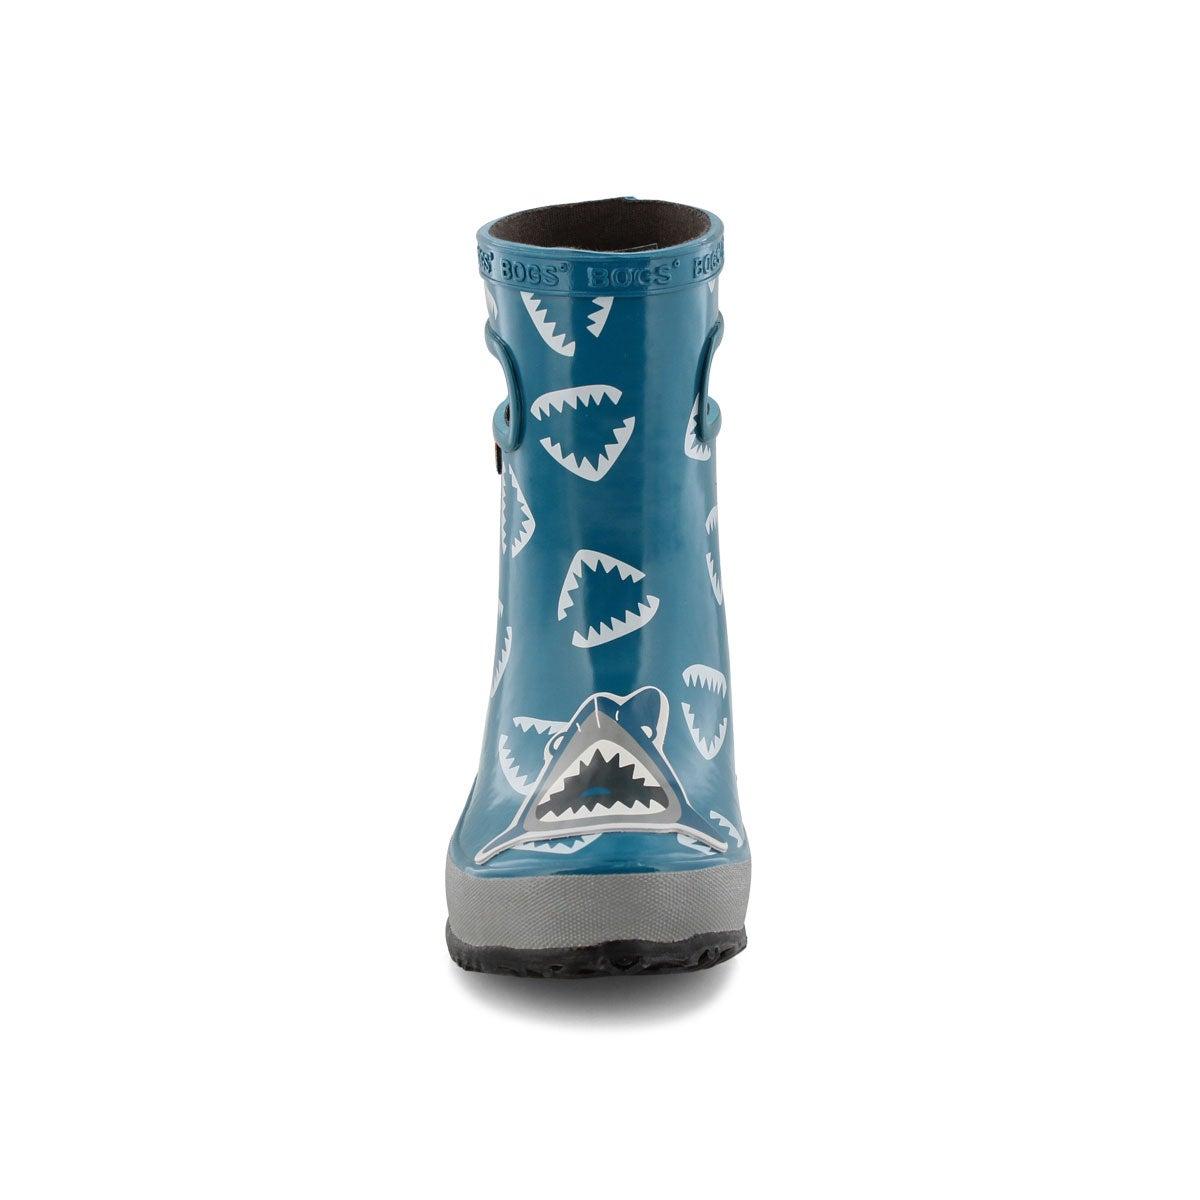 Inf-b Skipper Animals shrk blu mlti boot